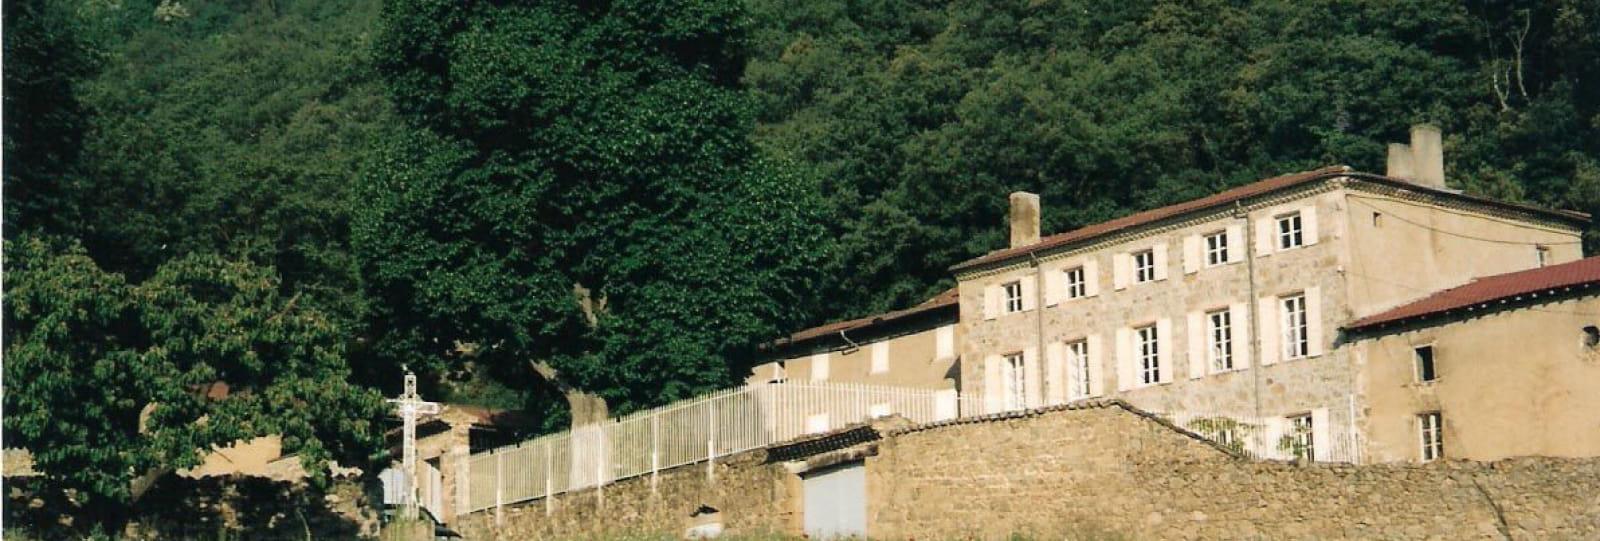 Domaine de Laprette